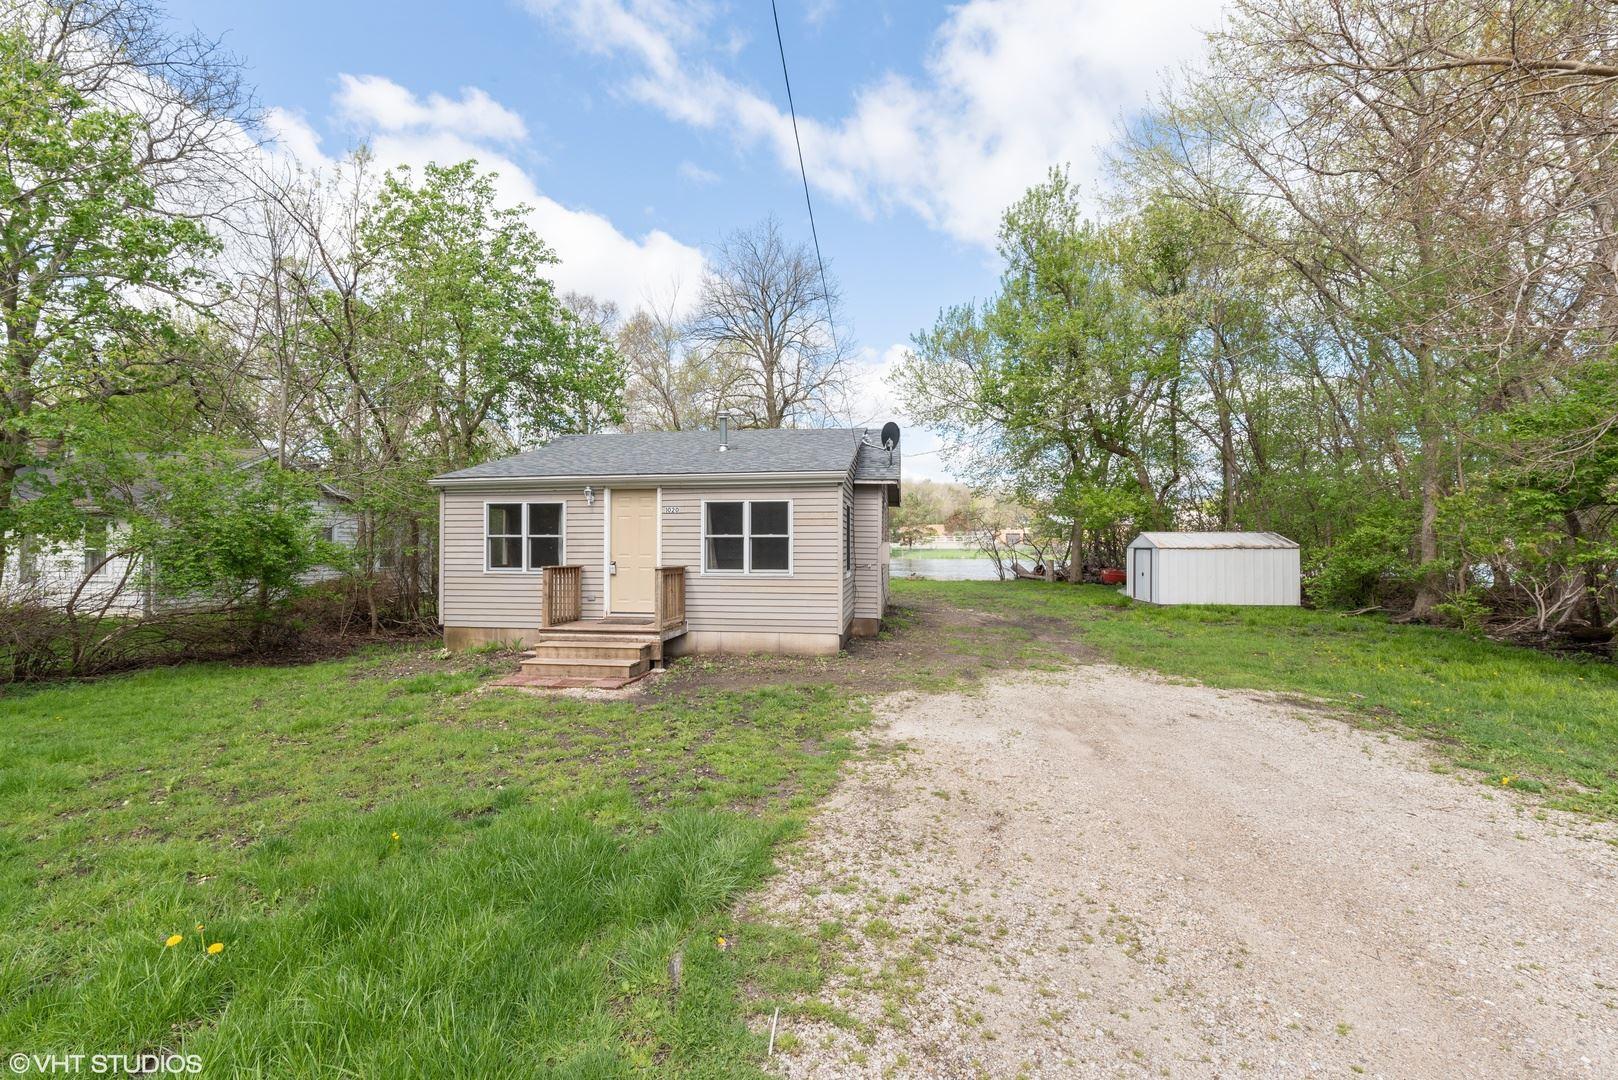 1020 WINAKI Trail, Algonquin, IL 60102 - #: 10713888